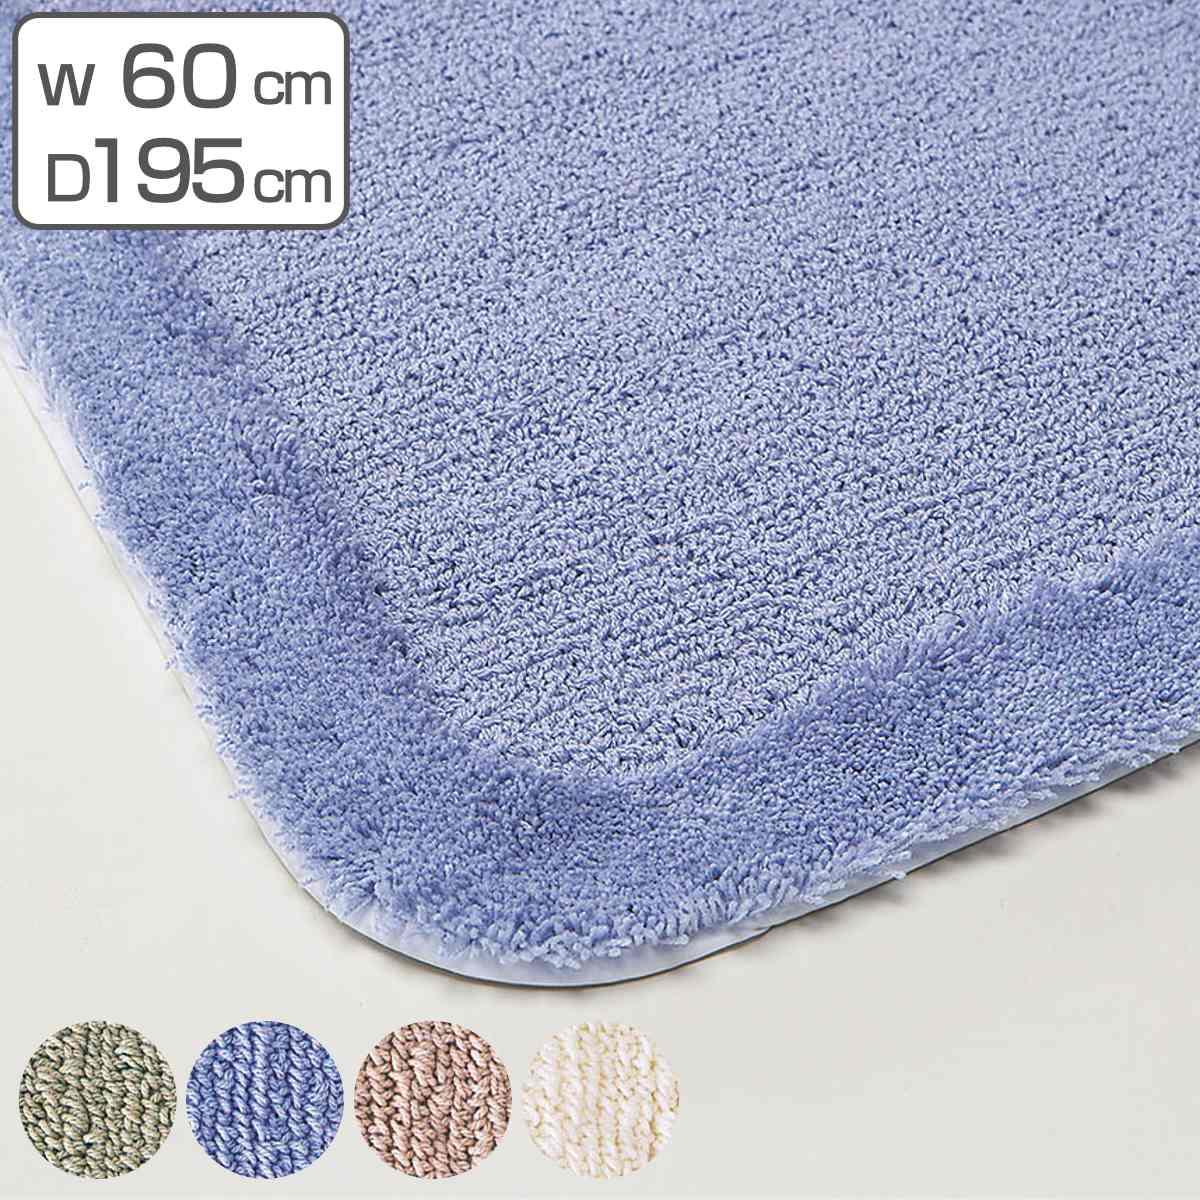 バスマット業務用 吸水ループパイル ノンスリップ抗菌仕様 60×195  ( 足拭き 風呂マット 送料無料 )